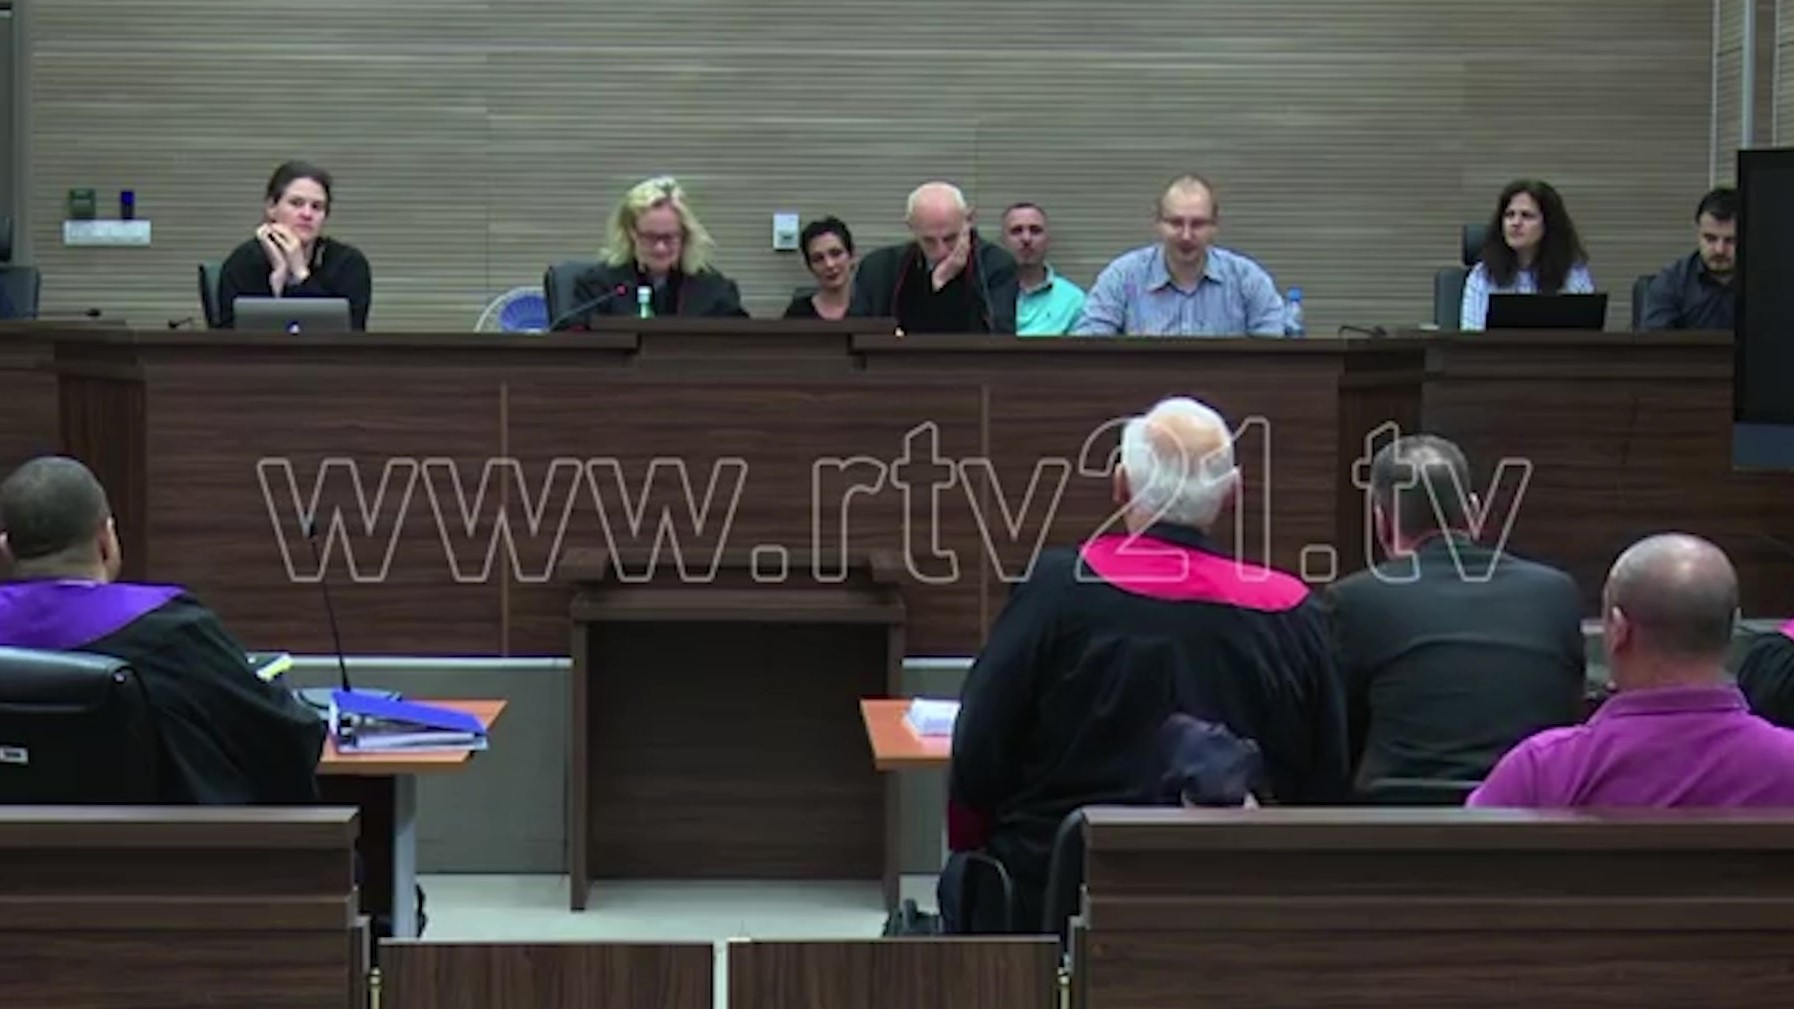 Zv/kryeministri Fatmir Limaj shpallet i pafajshëm për të gjithat akuzat